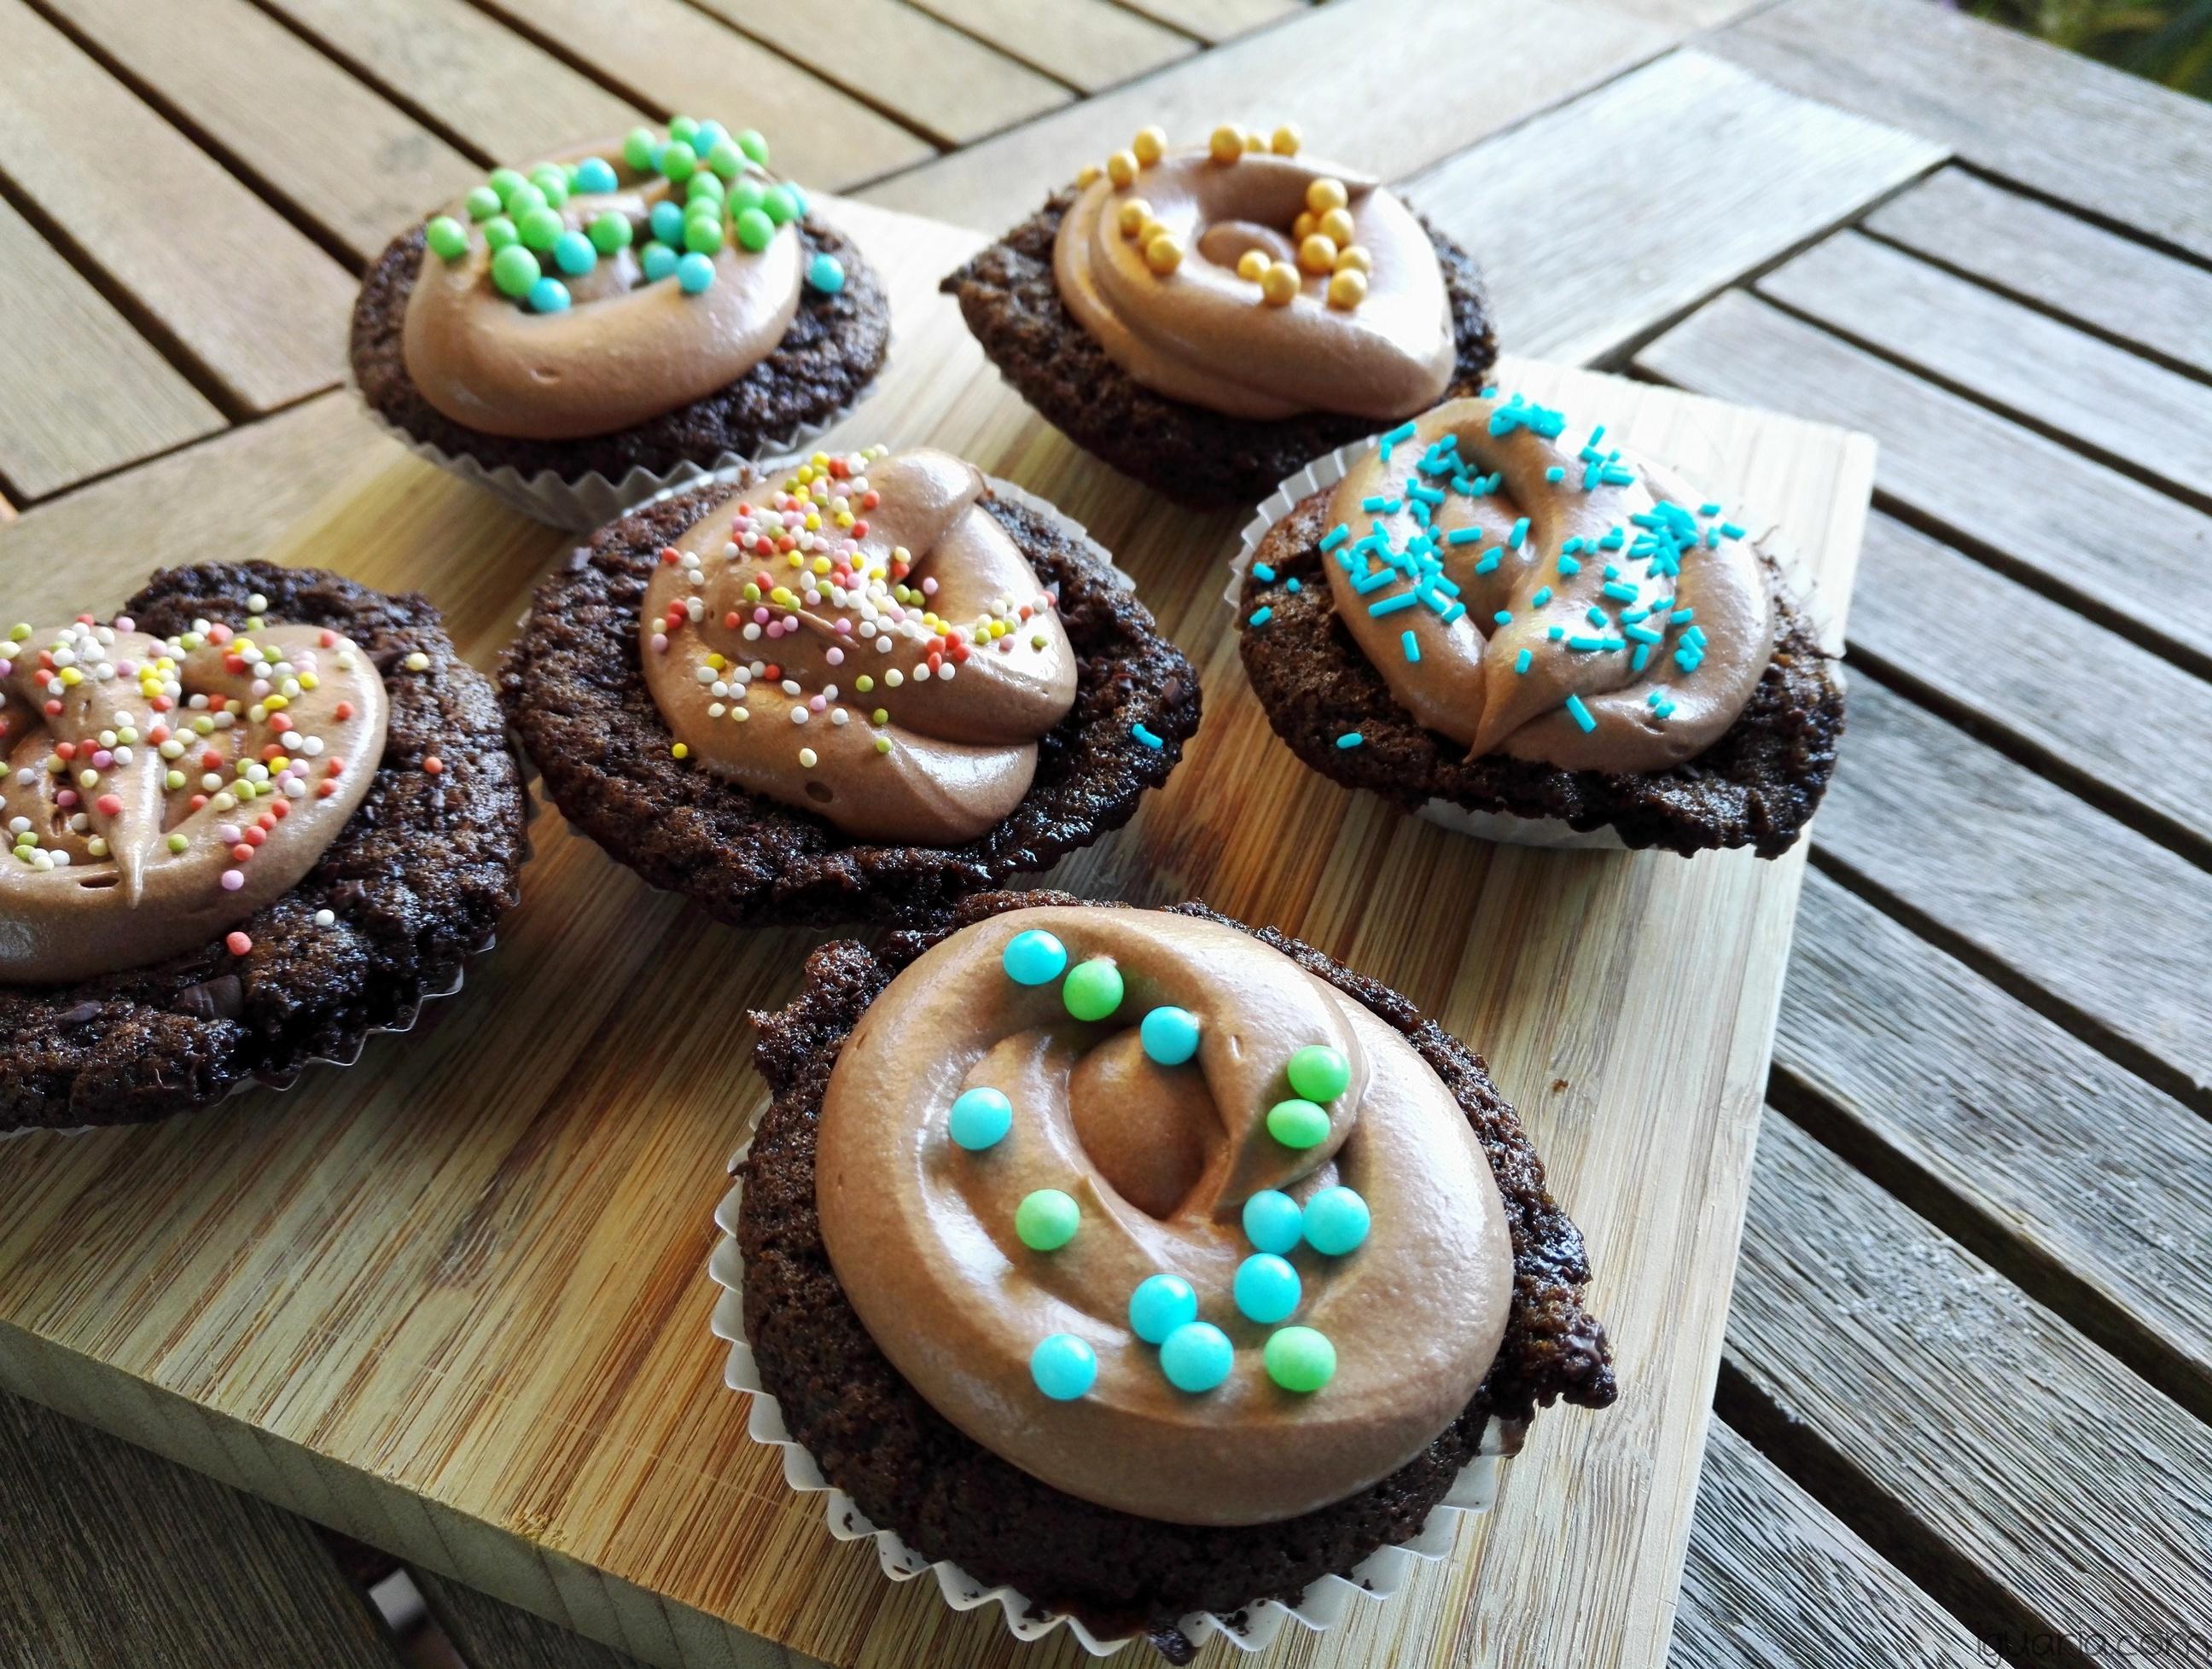 iguaria-queques-cobertos-de-chocolate